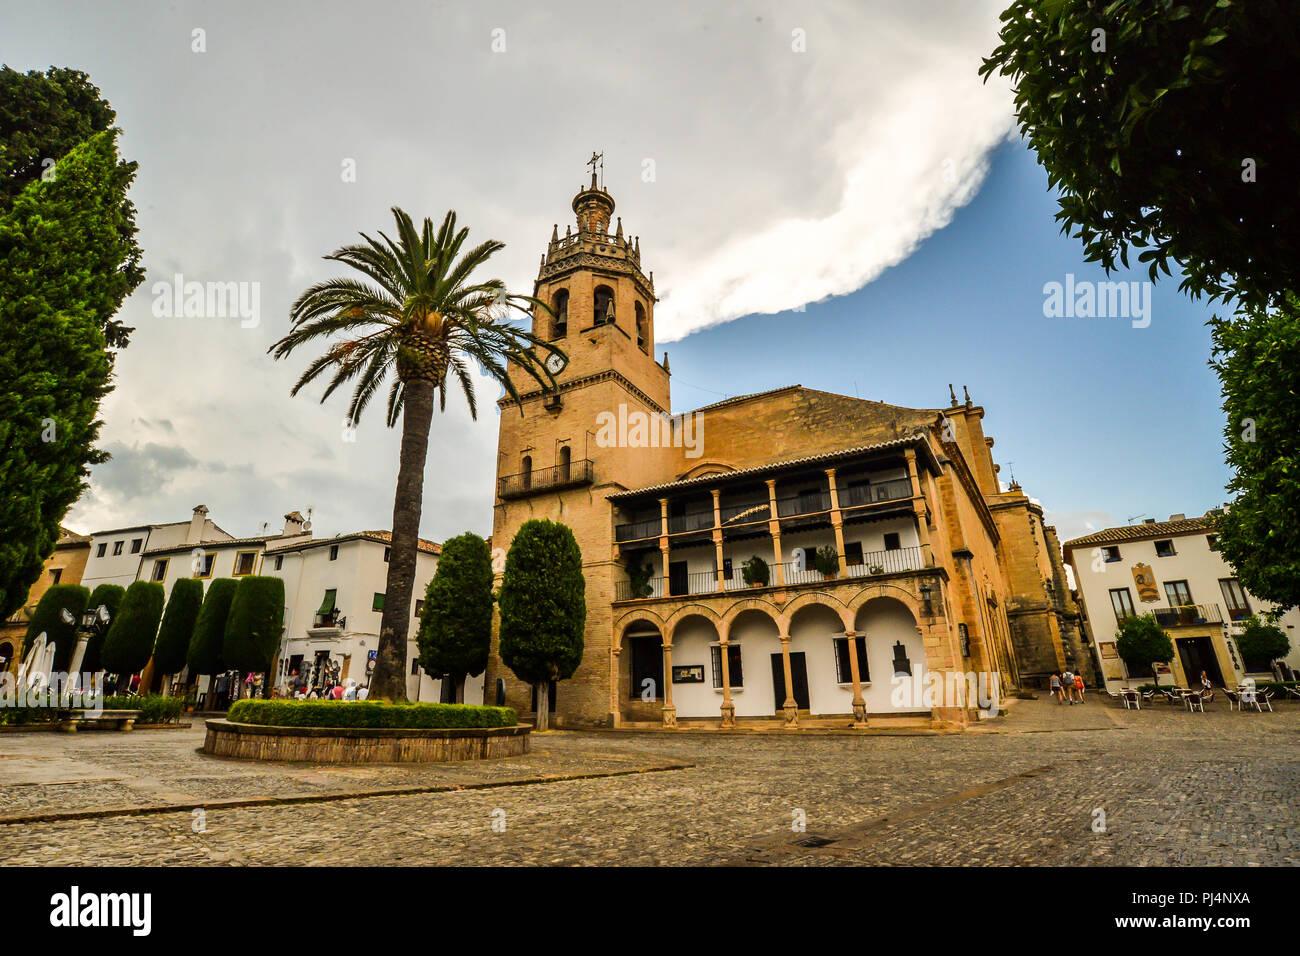 La ciudad de Ronda en Andalucía - España Imagen De Stock